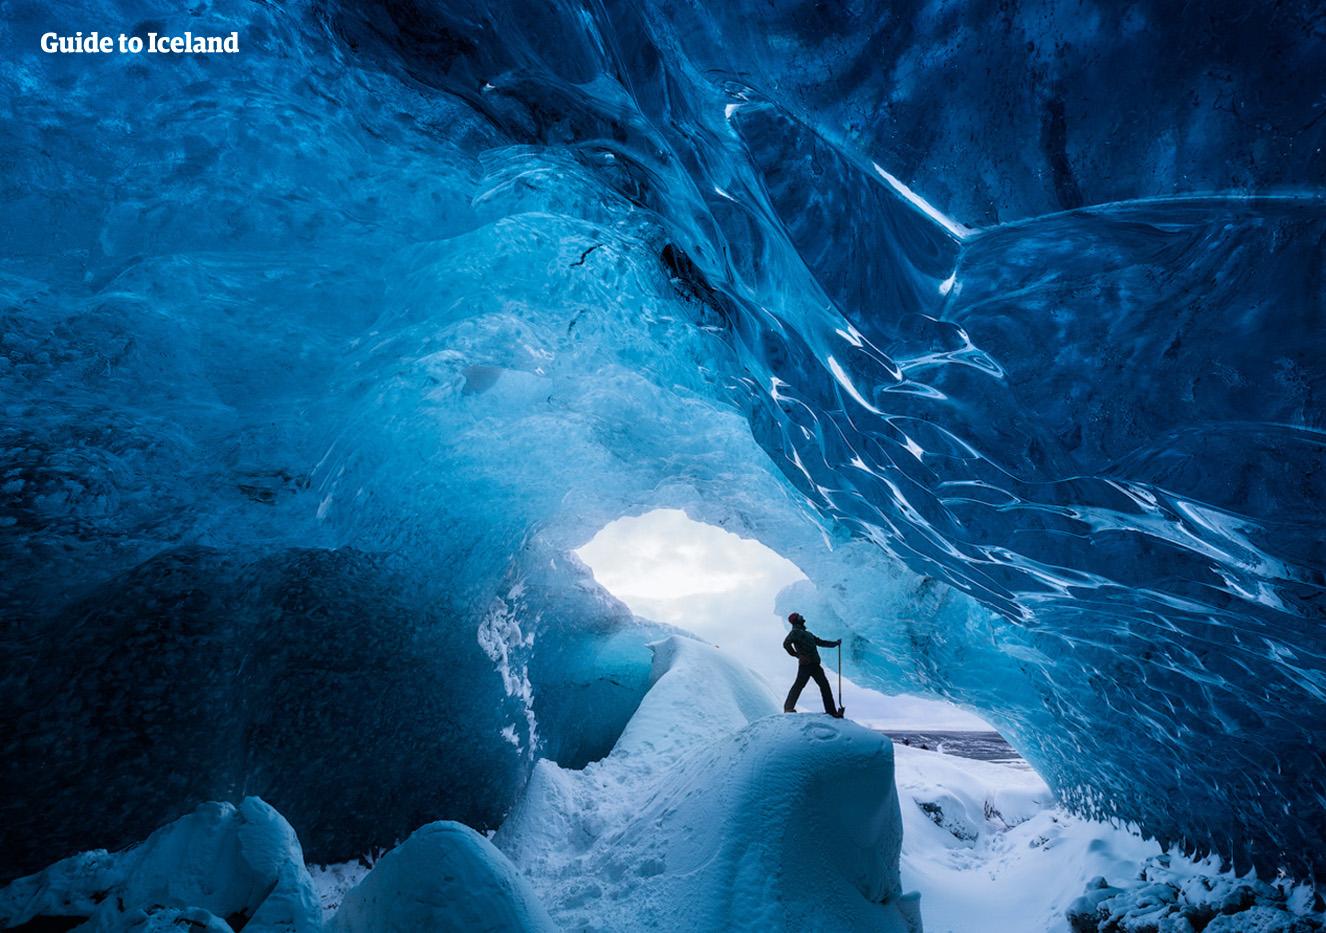 进入冰岛南岸的绝世蓝冰洞,领略前所未有的冰蓝色彩